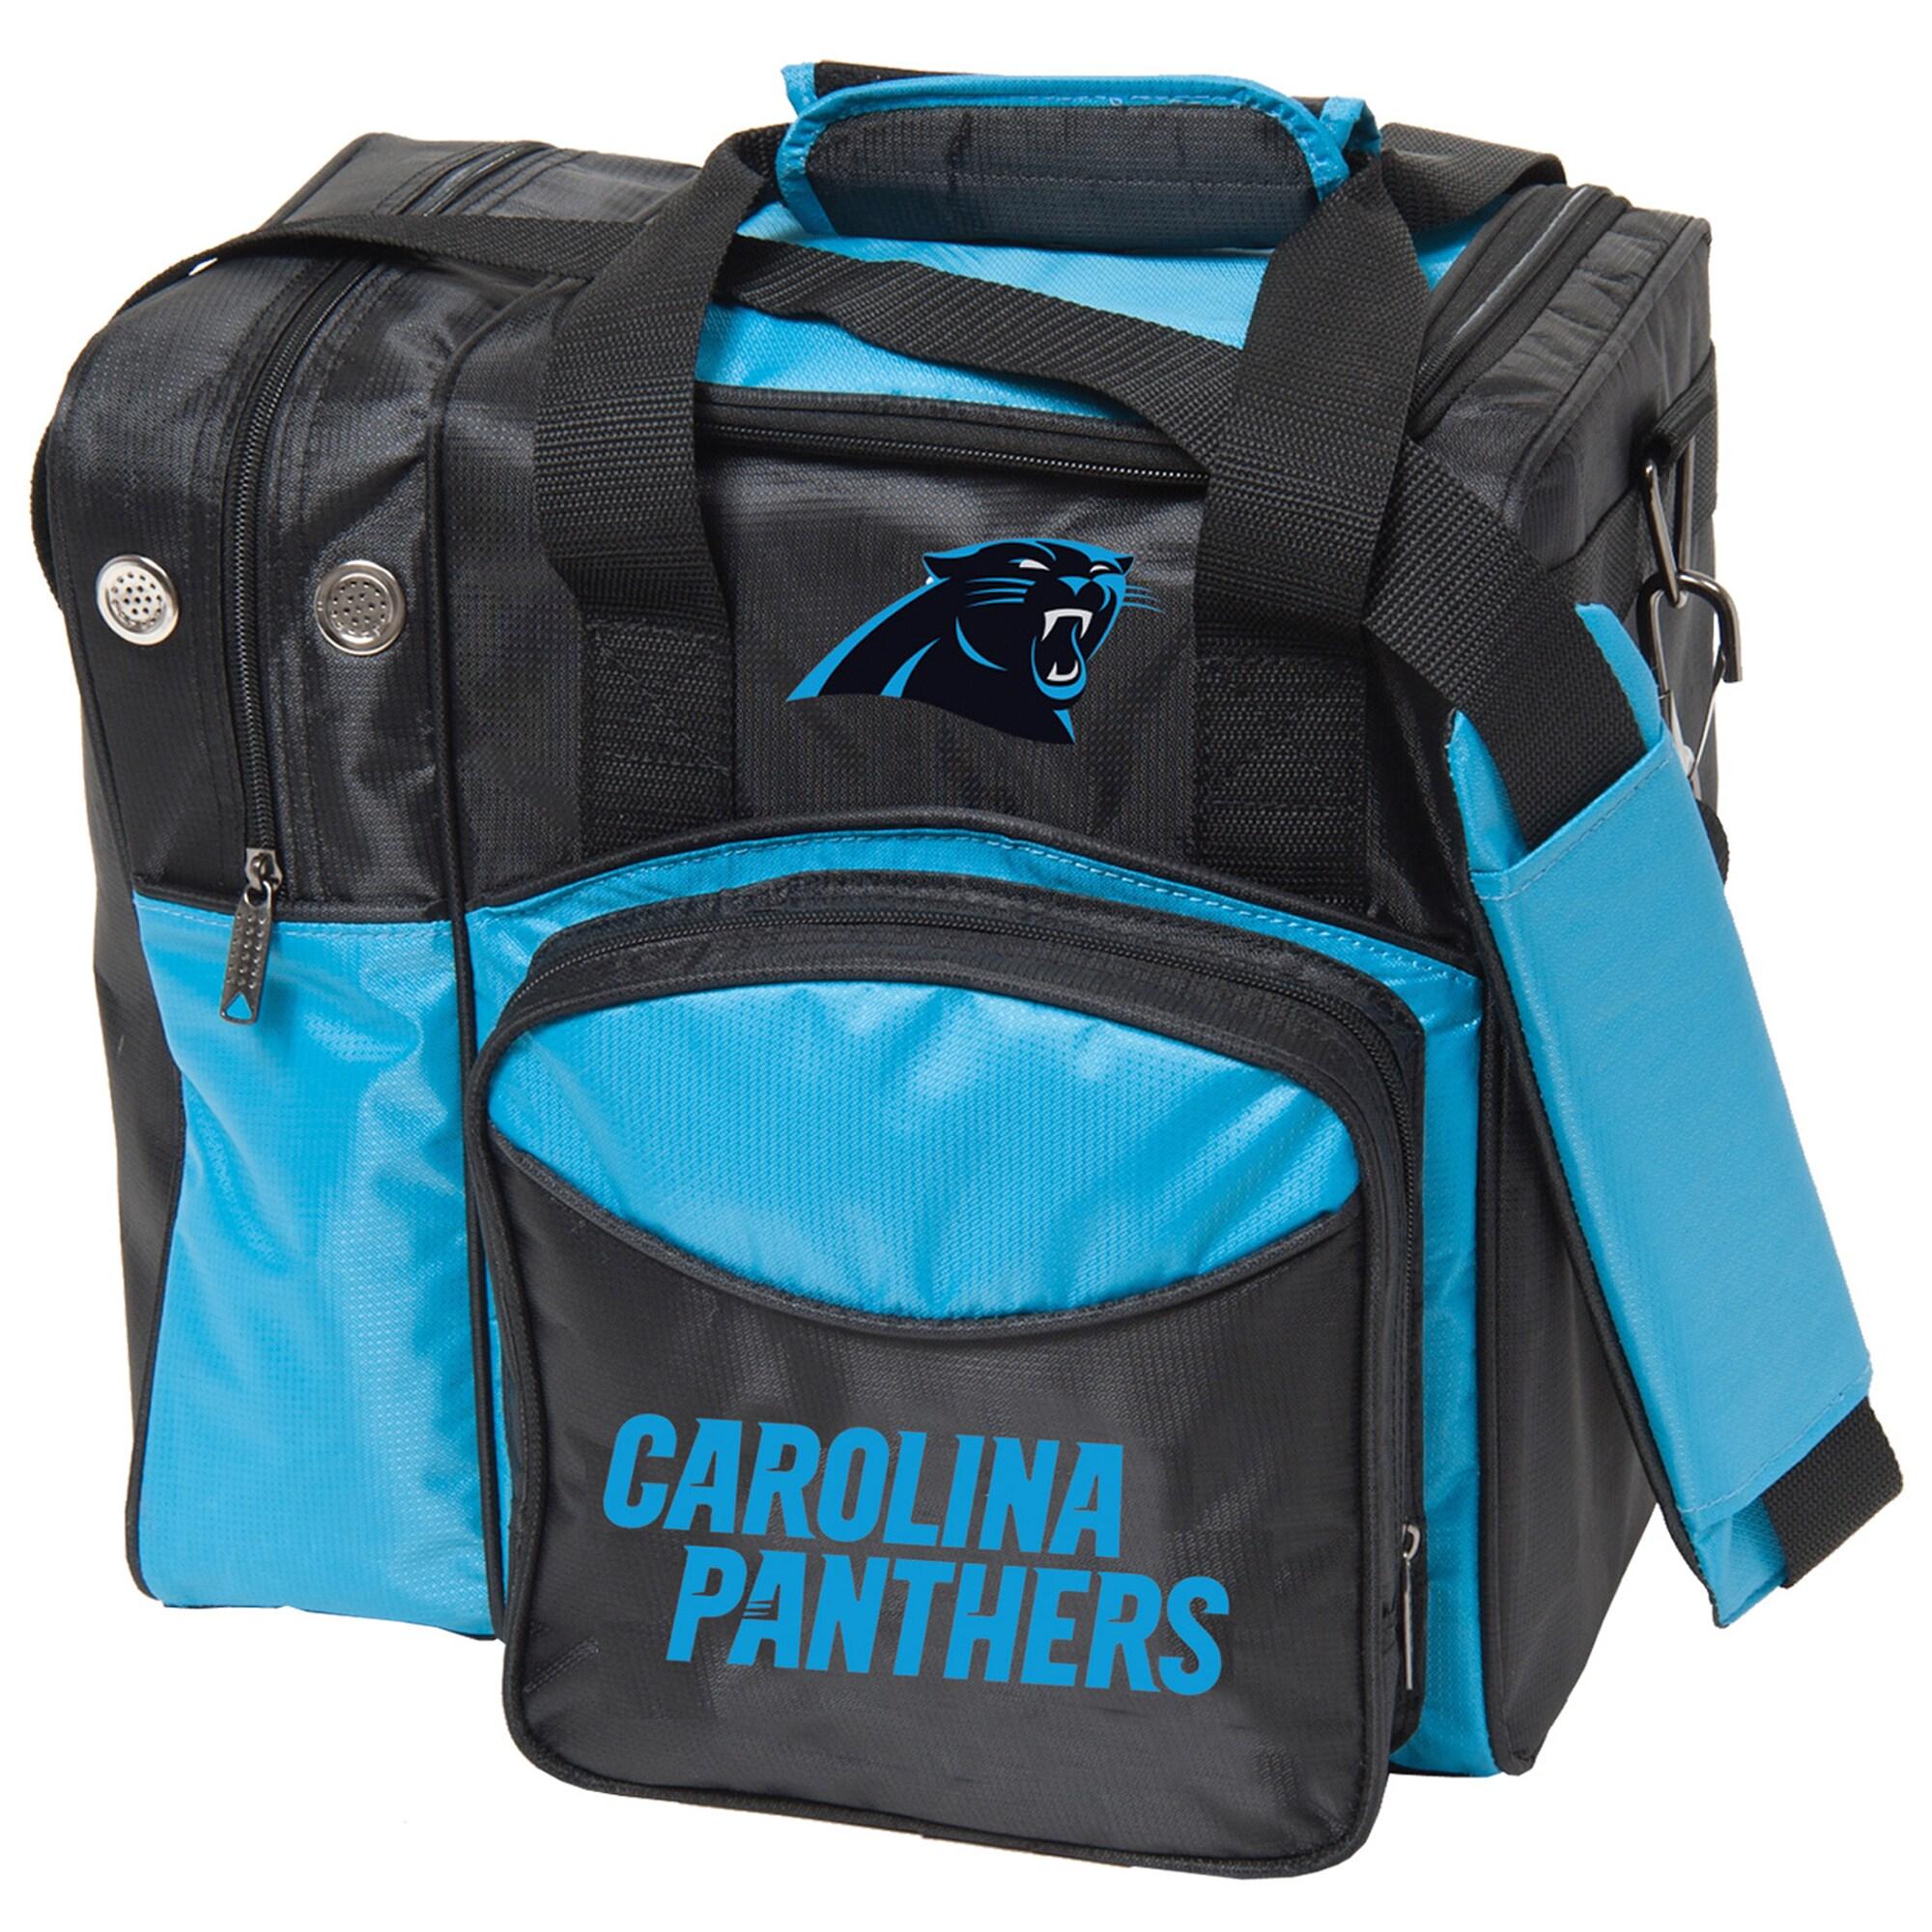 Carolina Panthers Single Ball Bowling Tote